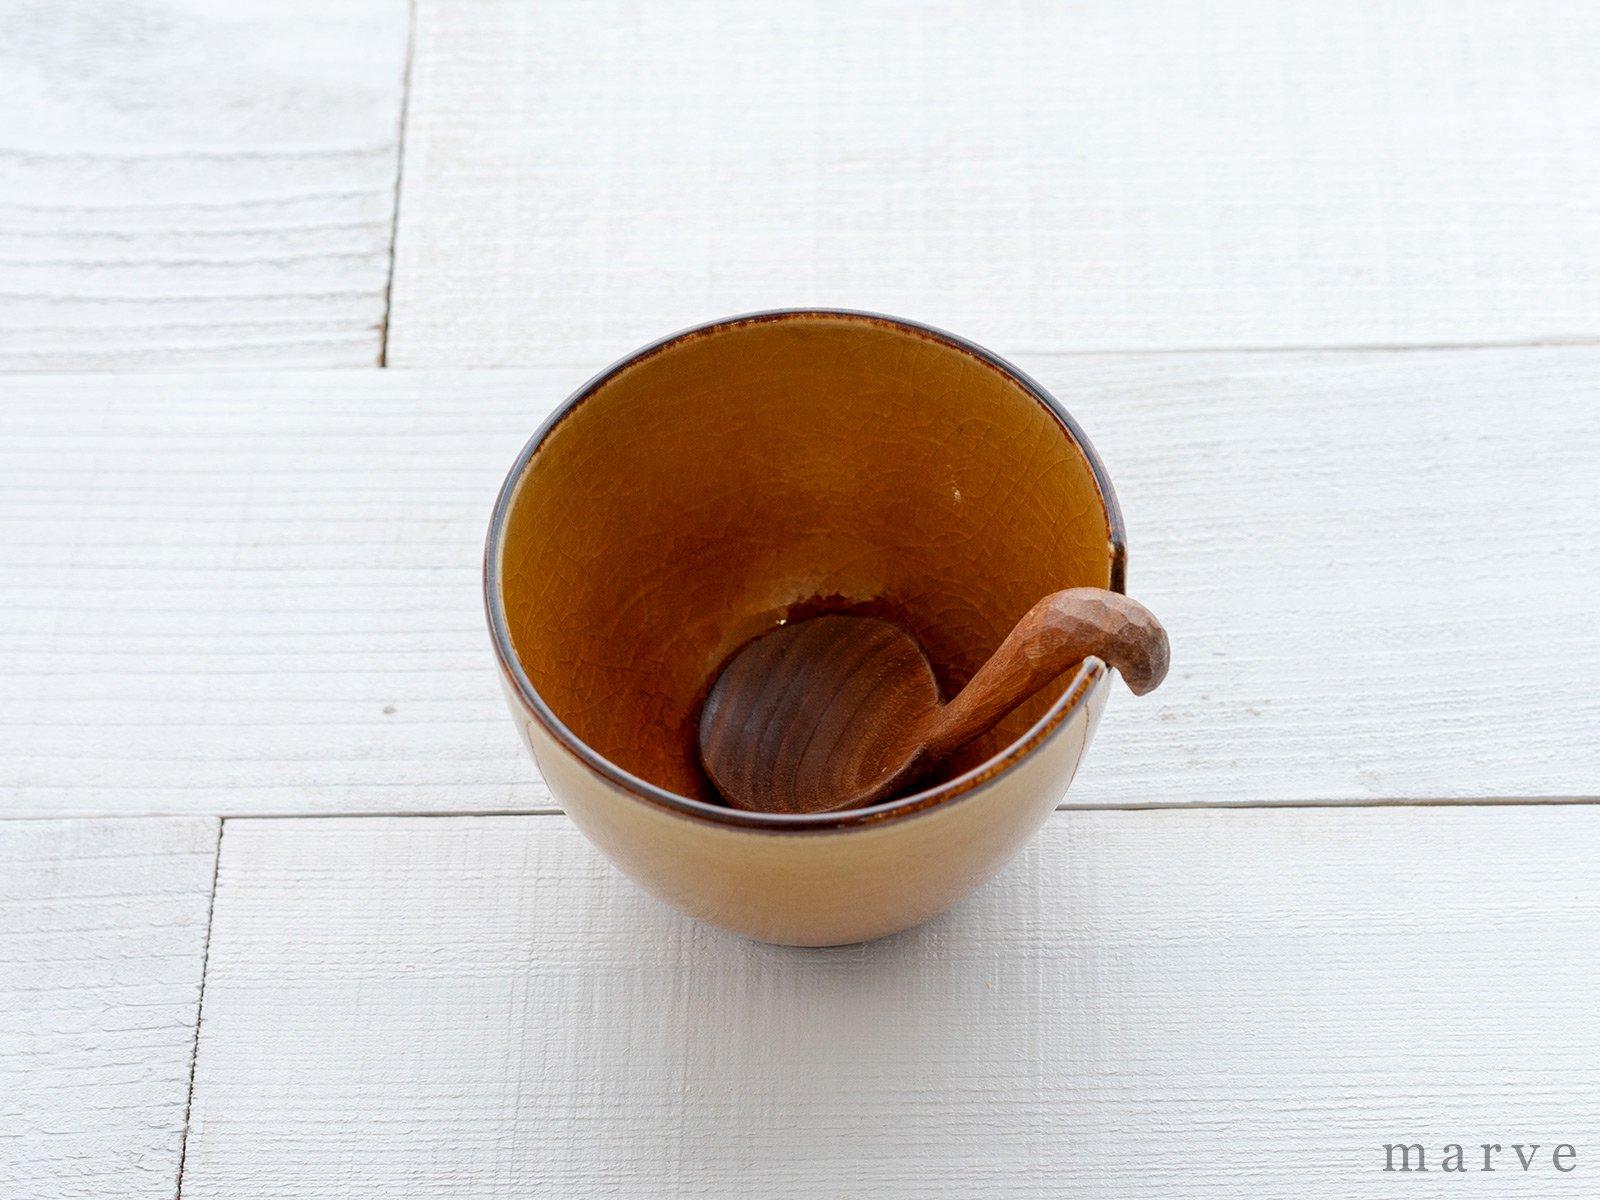 柴田サヤカ ソースカップ 木製スプーン付き